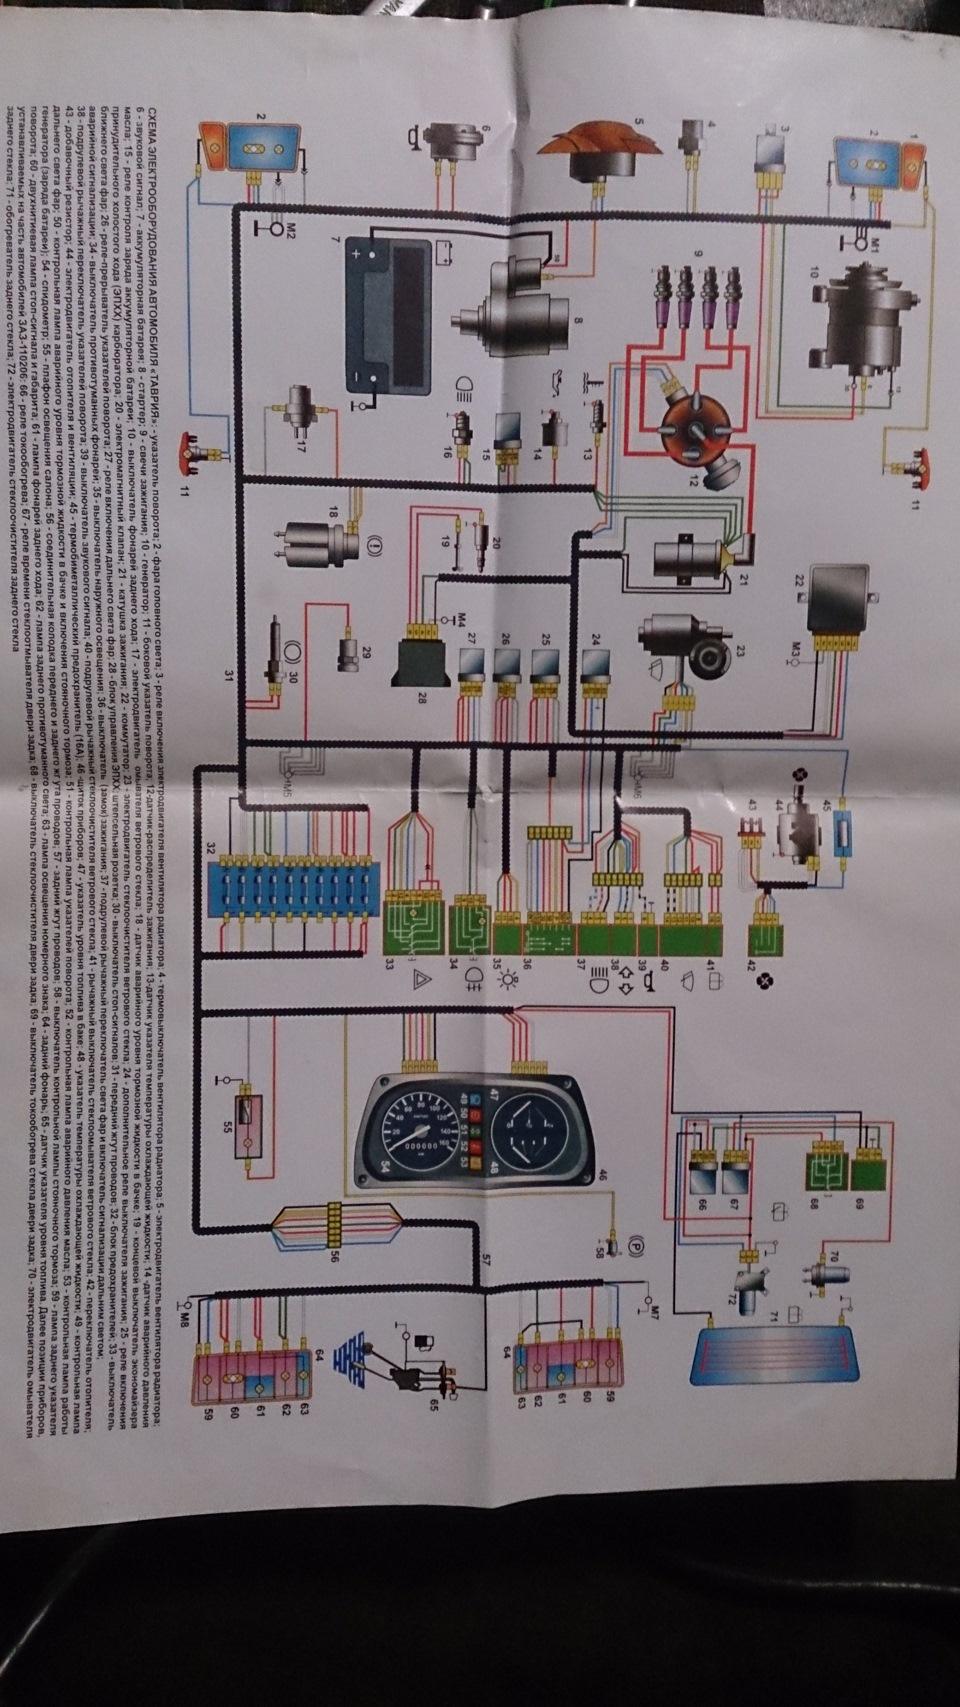 Проводка таврия 1102 схема 899